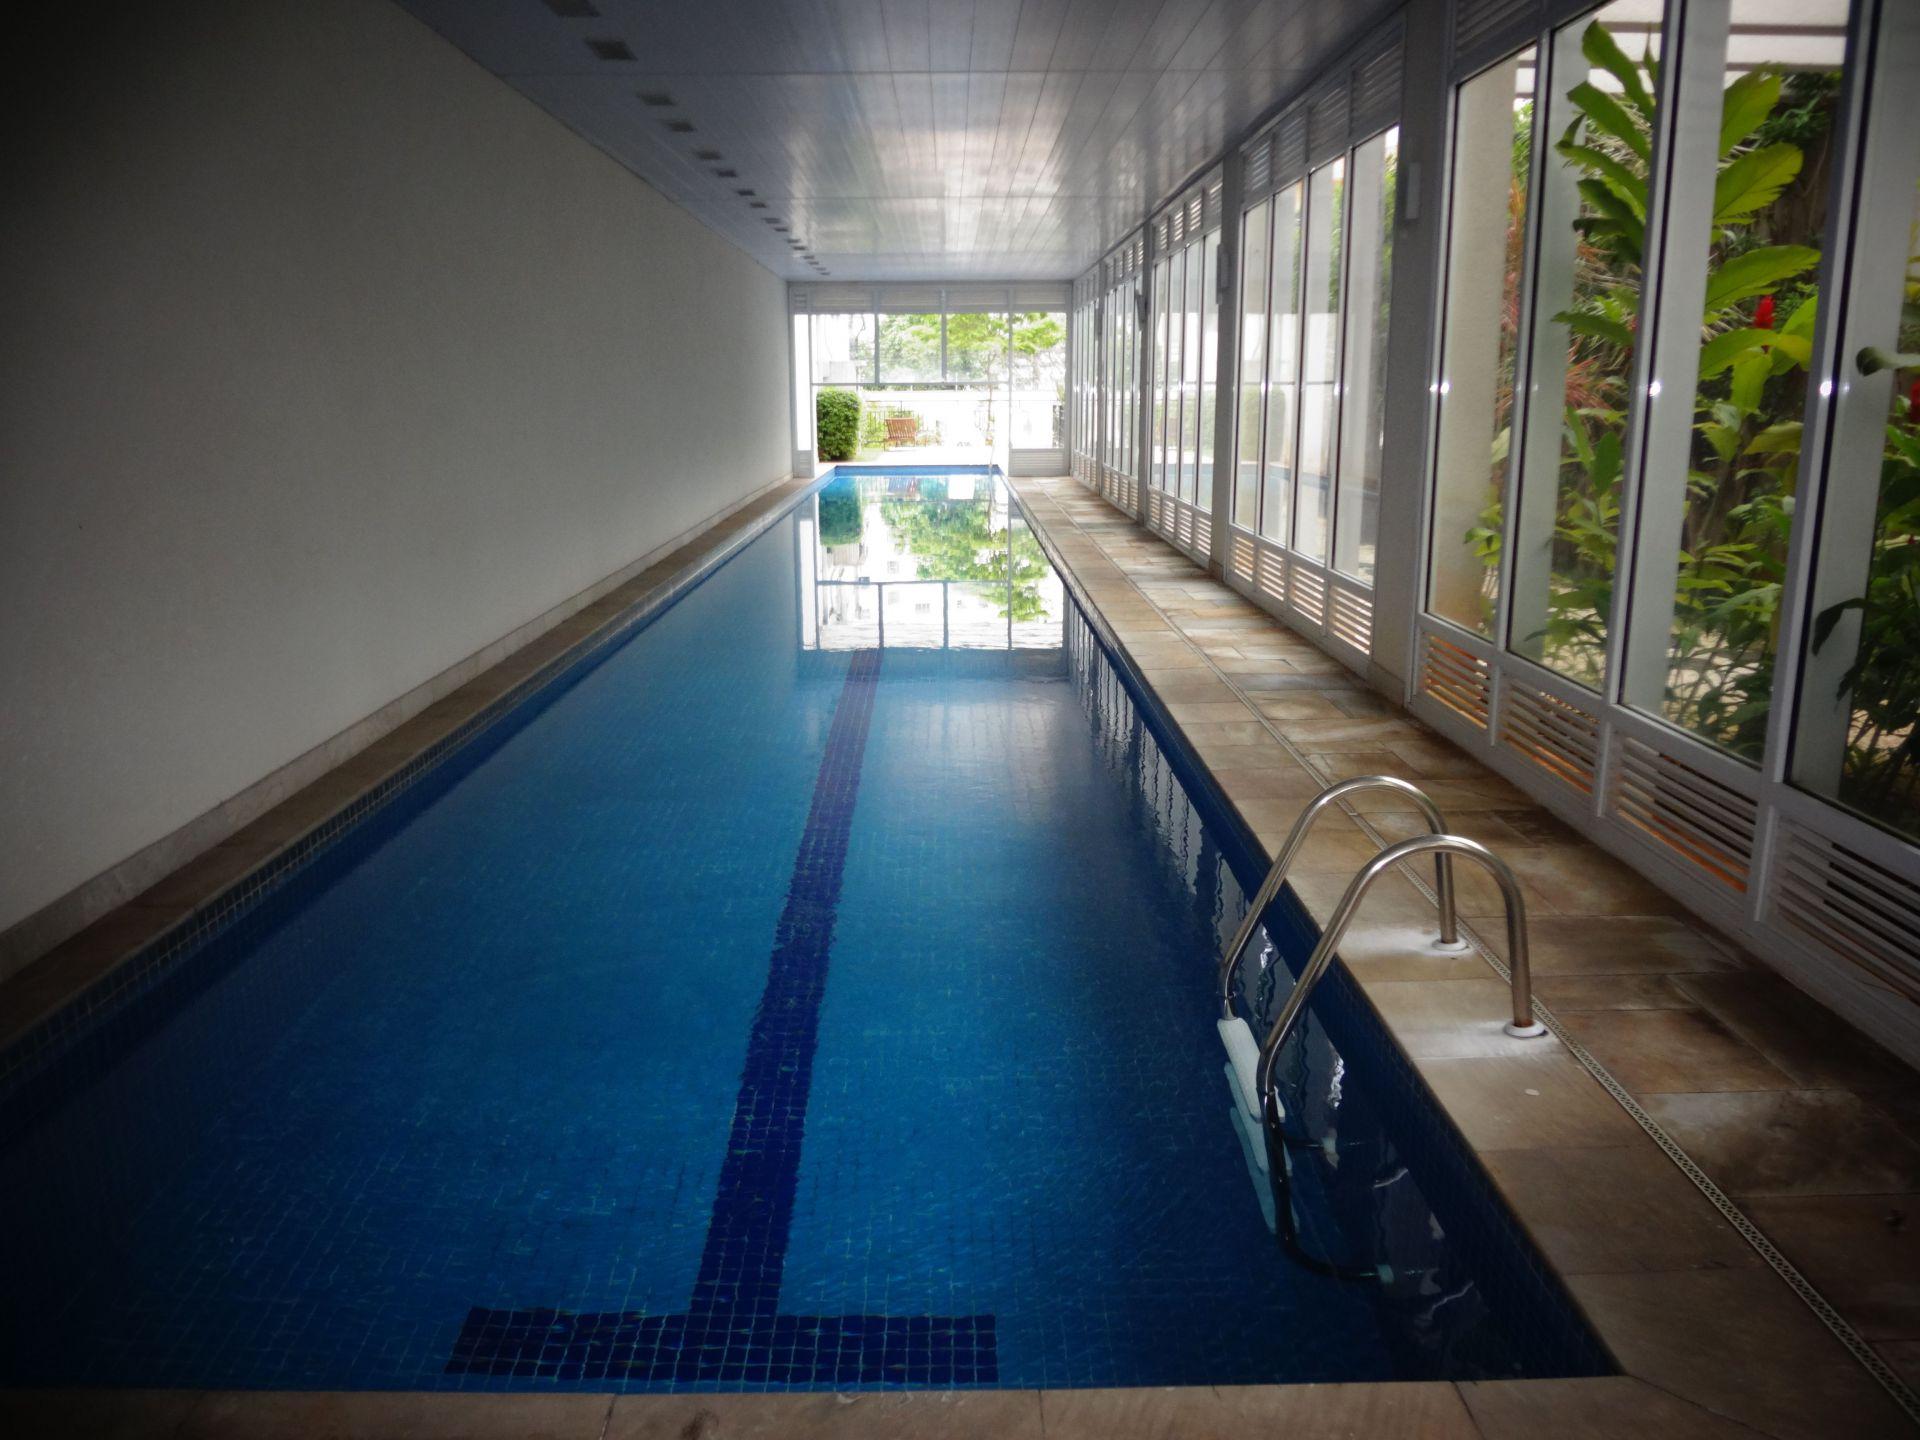 Apartamento Barra Funda,São Paulo,SP Para Alugar,2 Quartos,55m² - LOCACAO0017 - 4